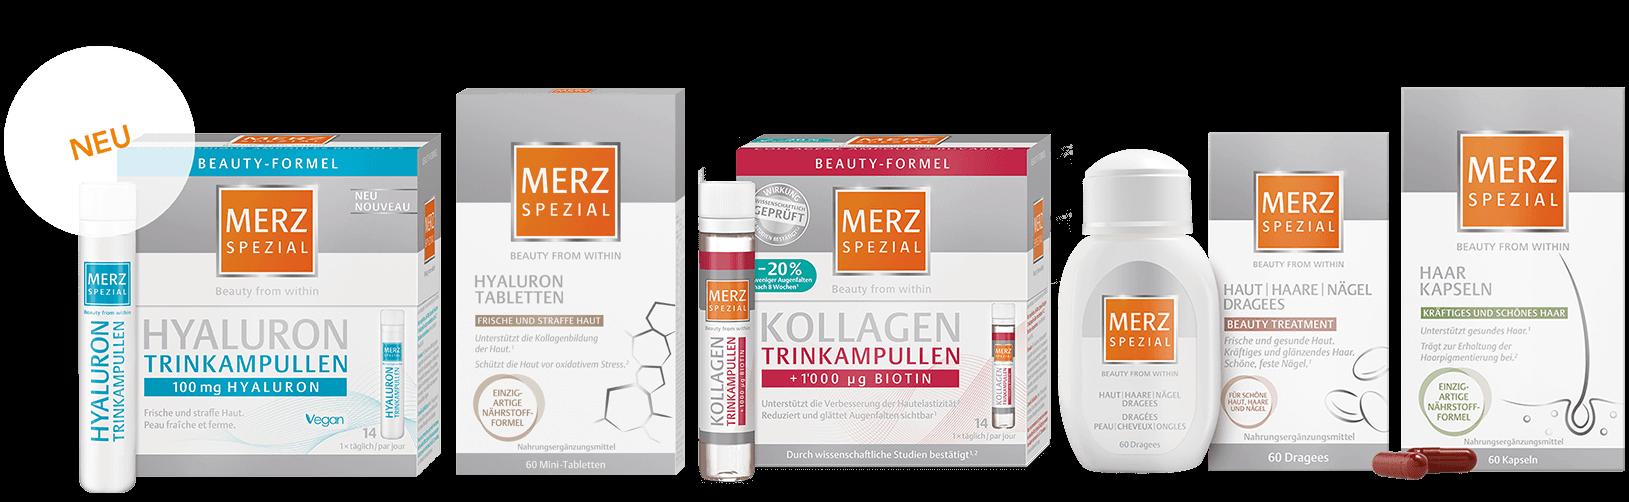 Merz-Spezial_Produktesortiment